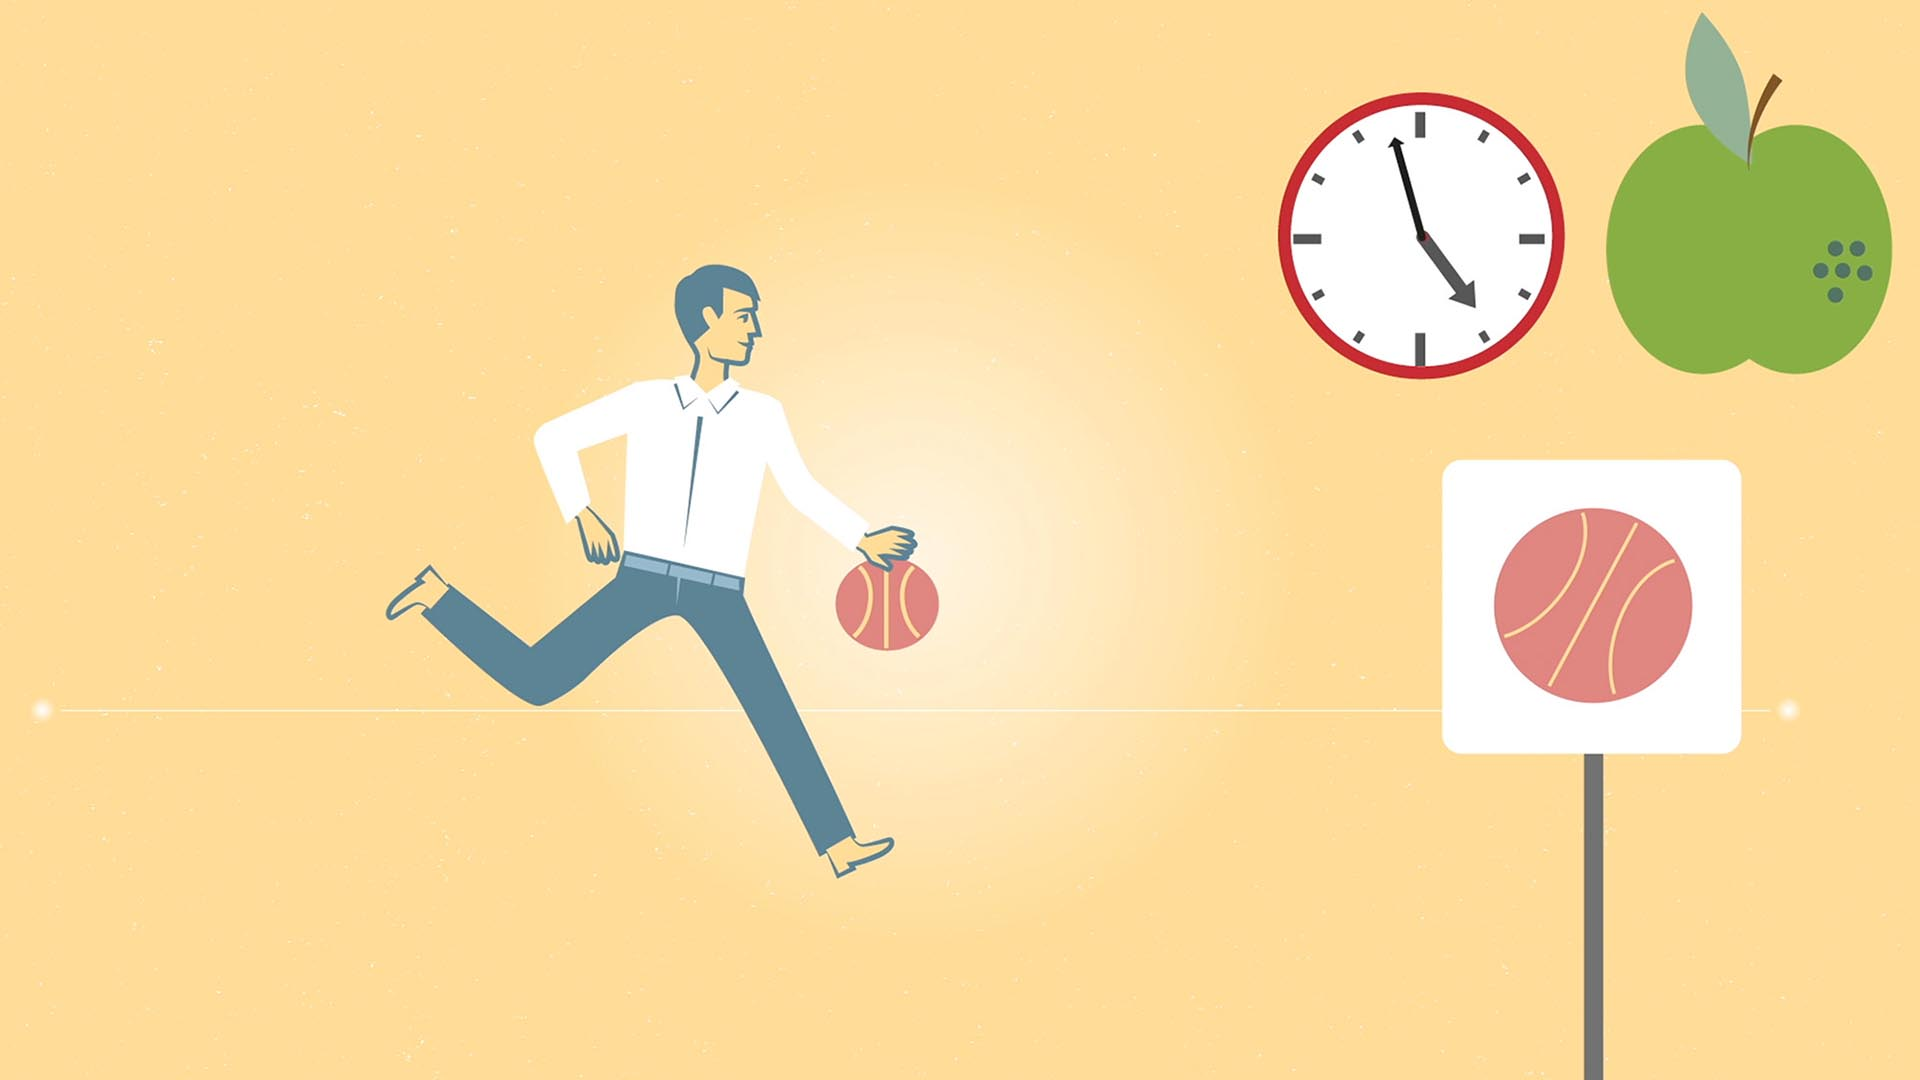 Das Bild zeigt einen Hintergrund in der Farbe gelb. Auf diesem ist ein Mann der mit einem Basketball spielt zu sehen. Die rechte Seite zeigt einen grünen Apfel, eine Uhr und ein Schild auf dem ein Basketball abgebildet ist. Das Bild dient als Sliderbild für den Portfolioeintrag MEDISinn Erklärfilm von Panda Pictures.